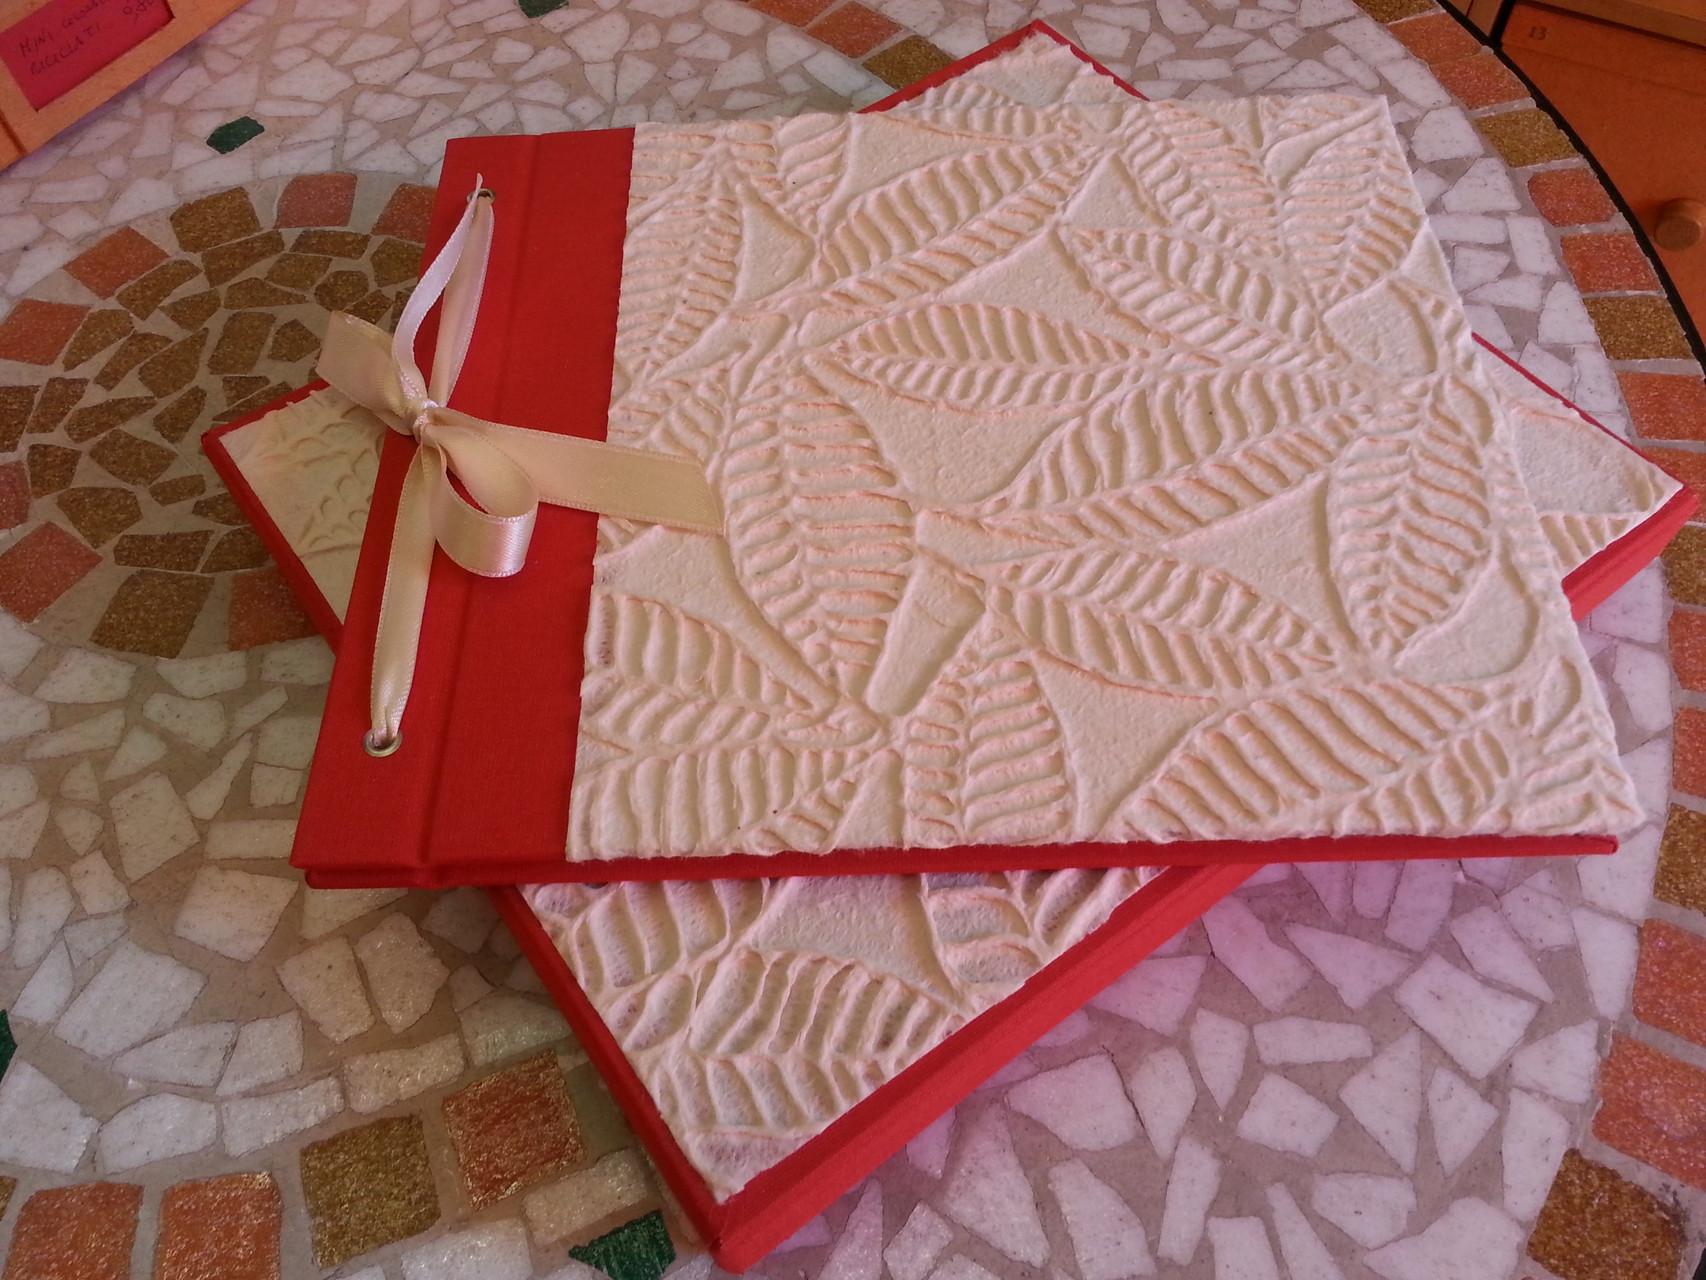 Libro firme in carta di cotone con disegni a rilievo e tela rossa